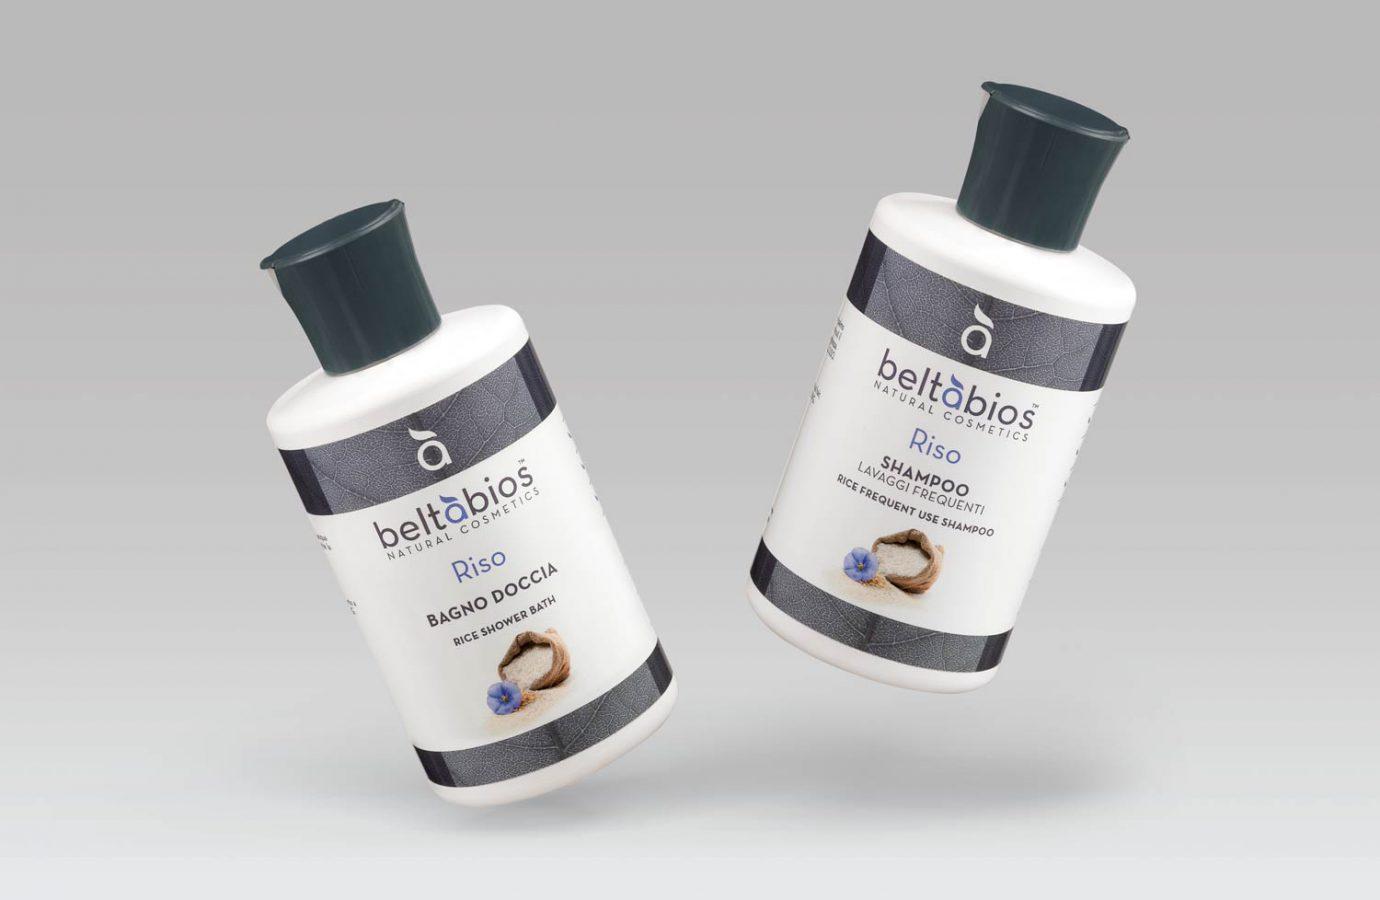 Packaging design di prodotti cosmetici naturali shampoo e bagno doccia realizzato da WillBe